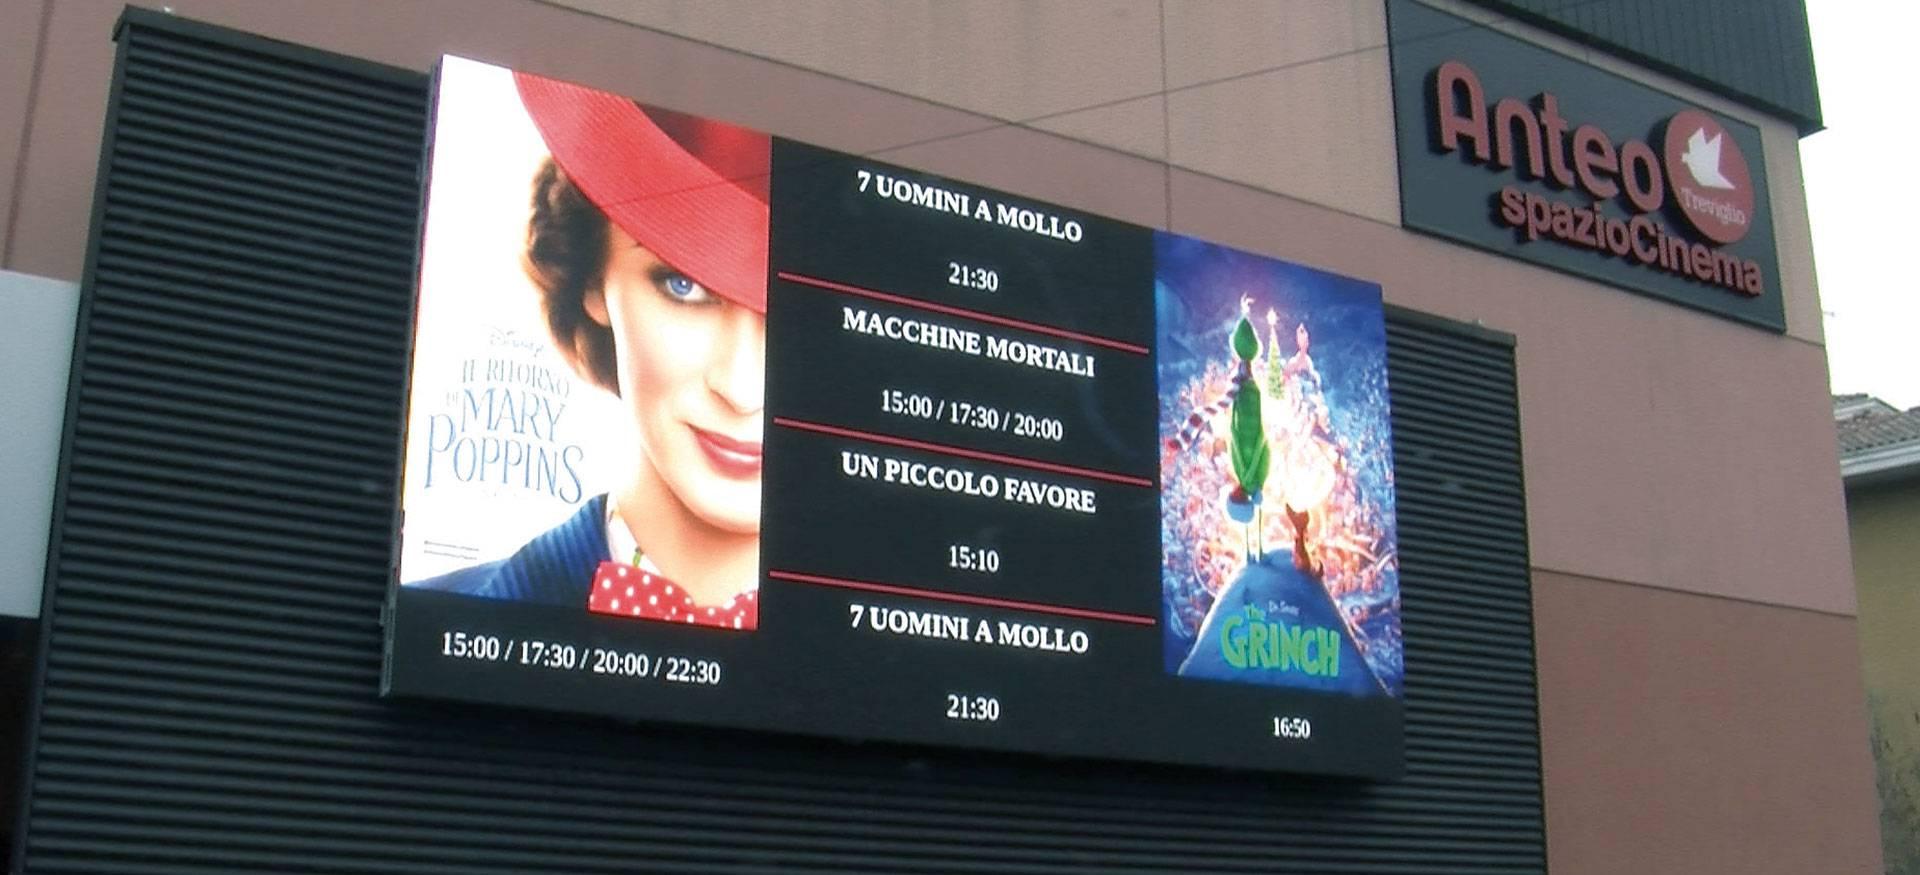 ledwall for cinema